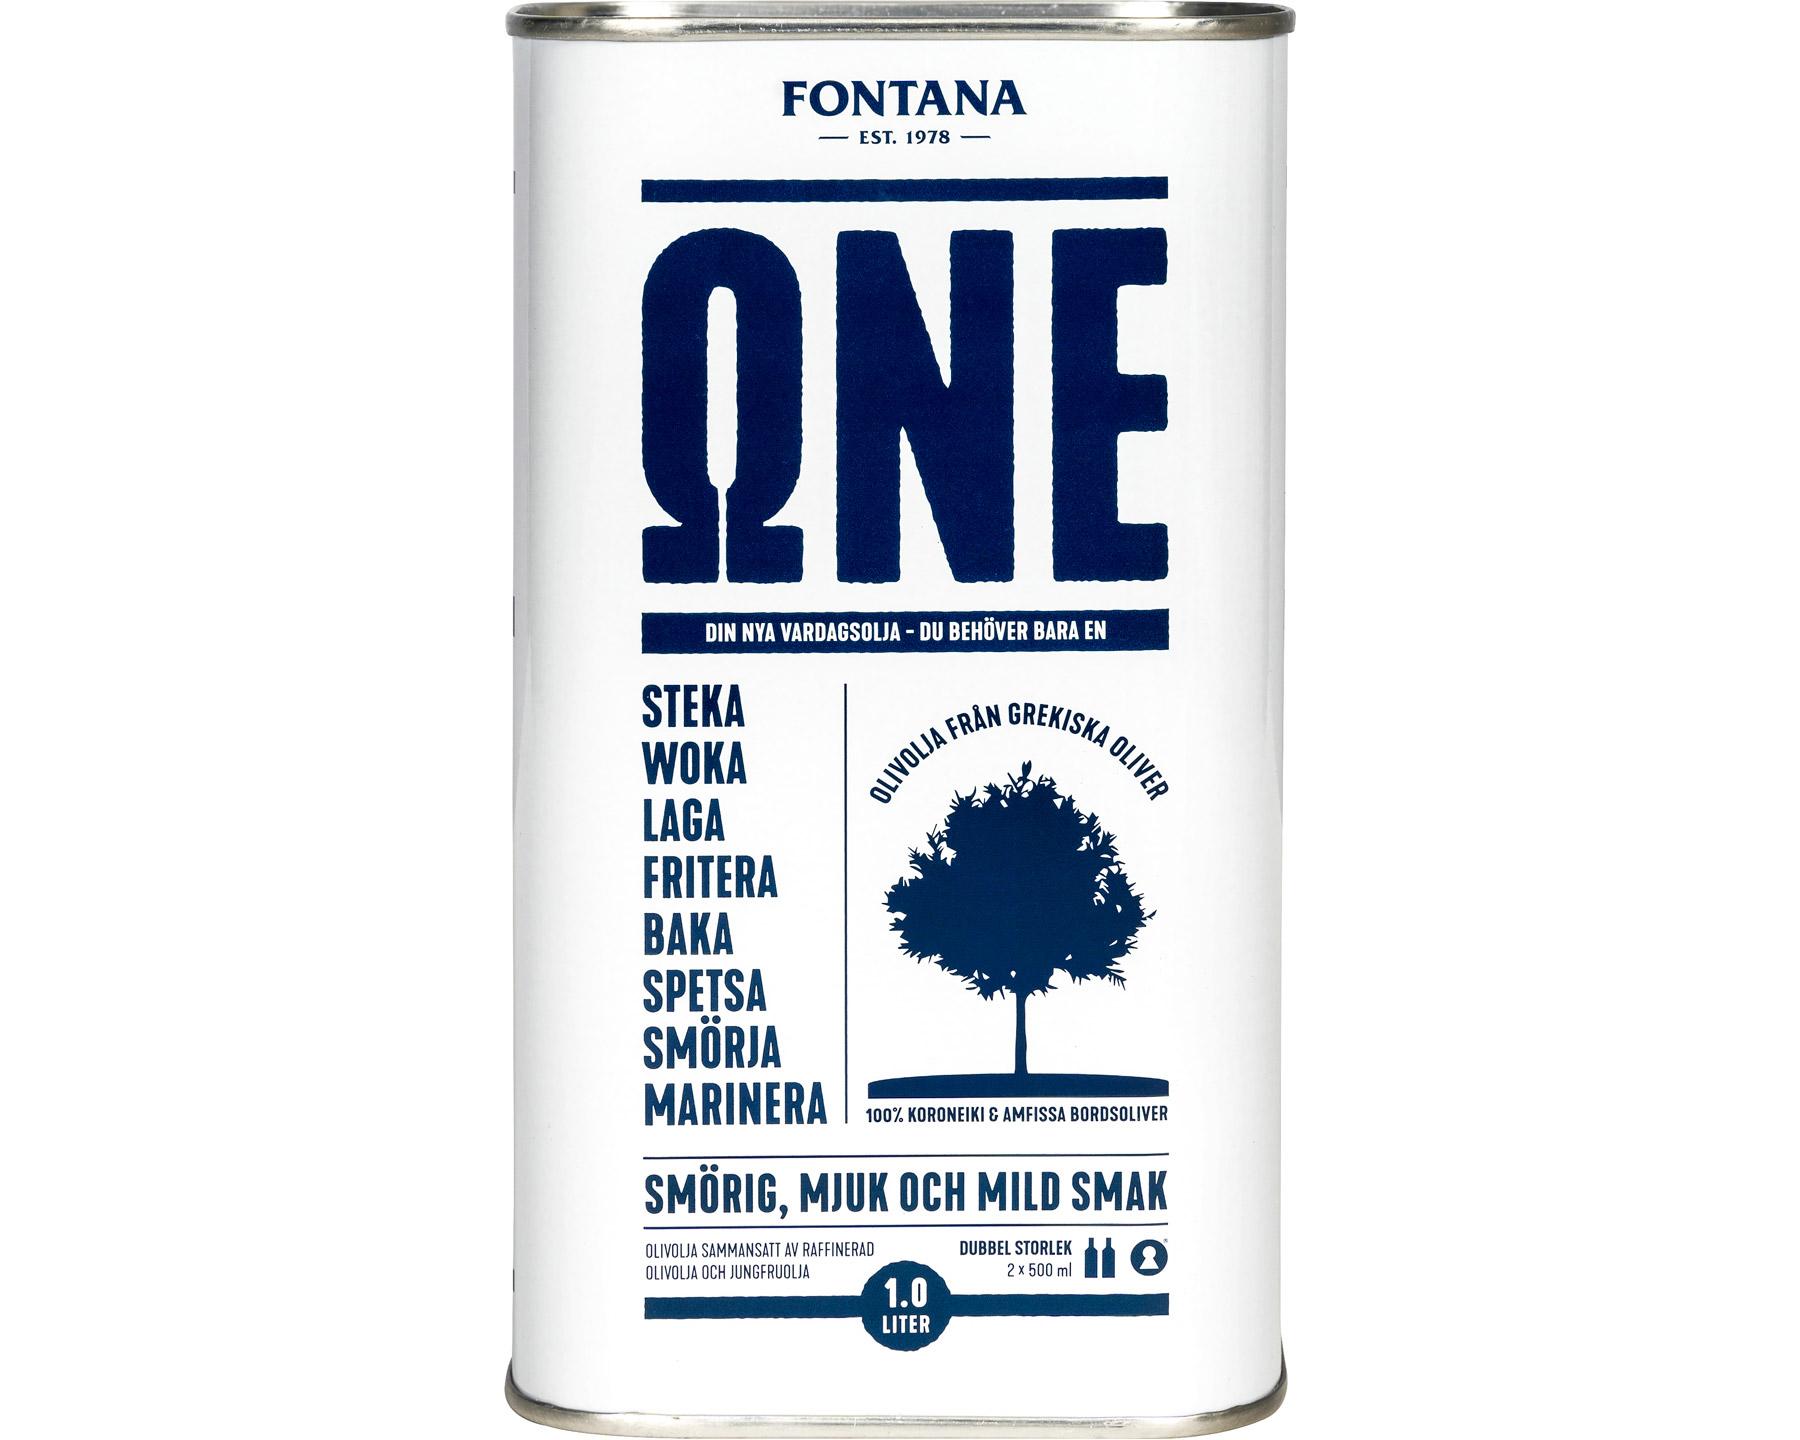 Fontana One Olivolja 1 liter